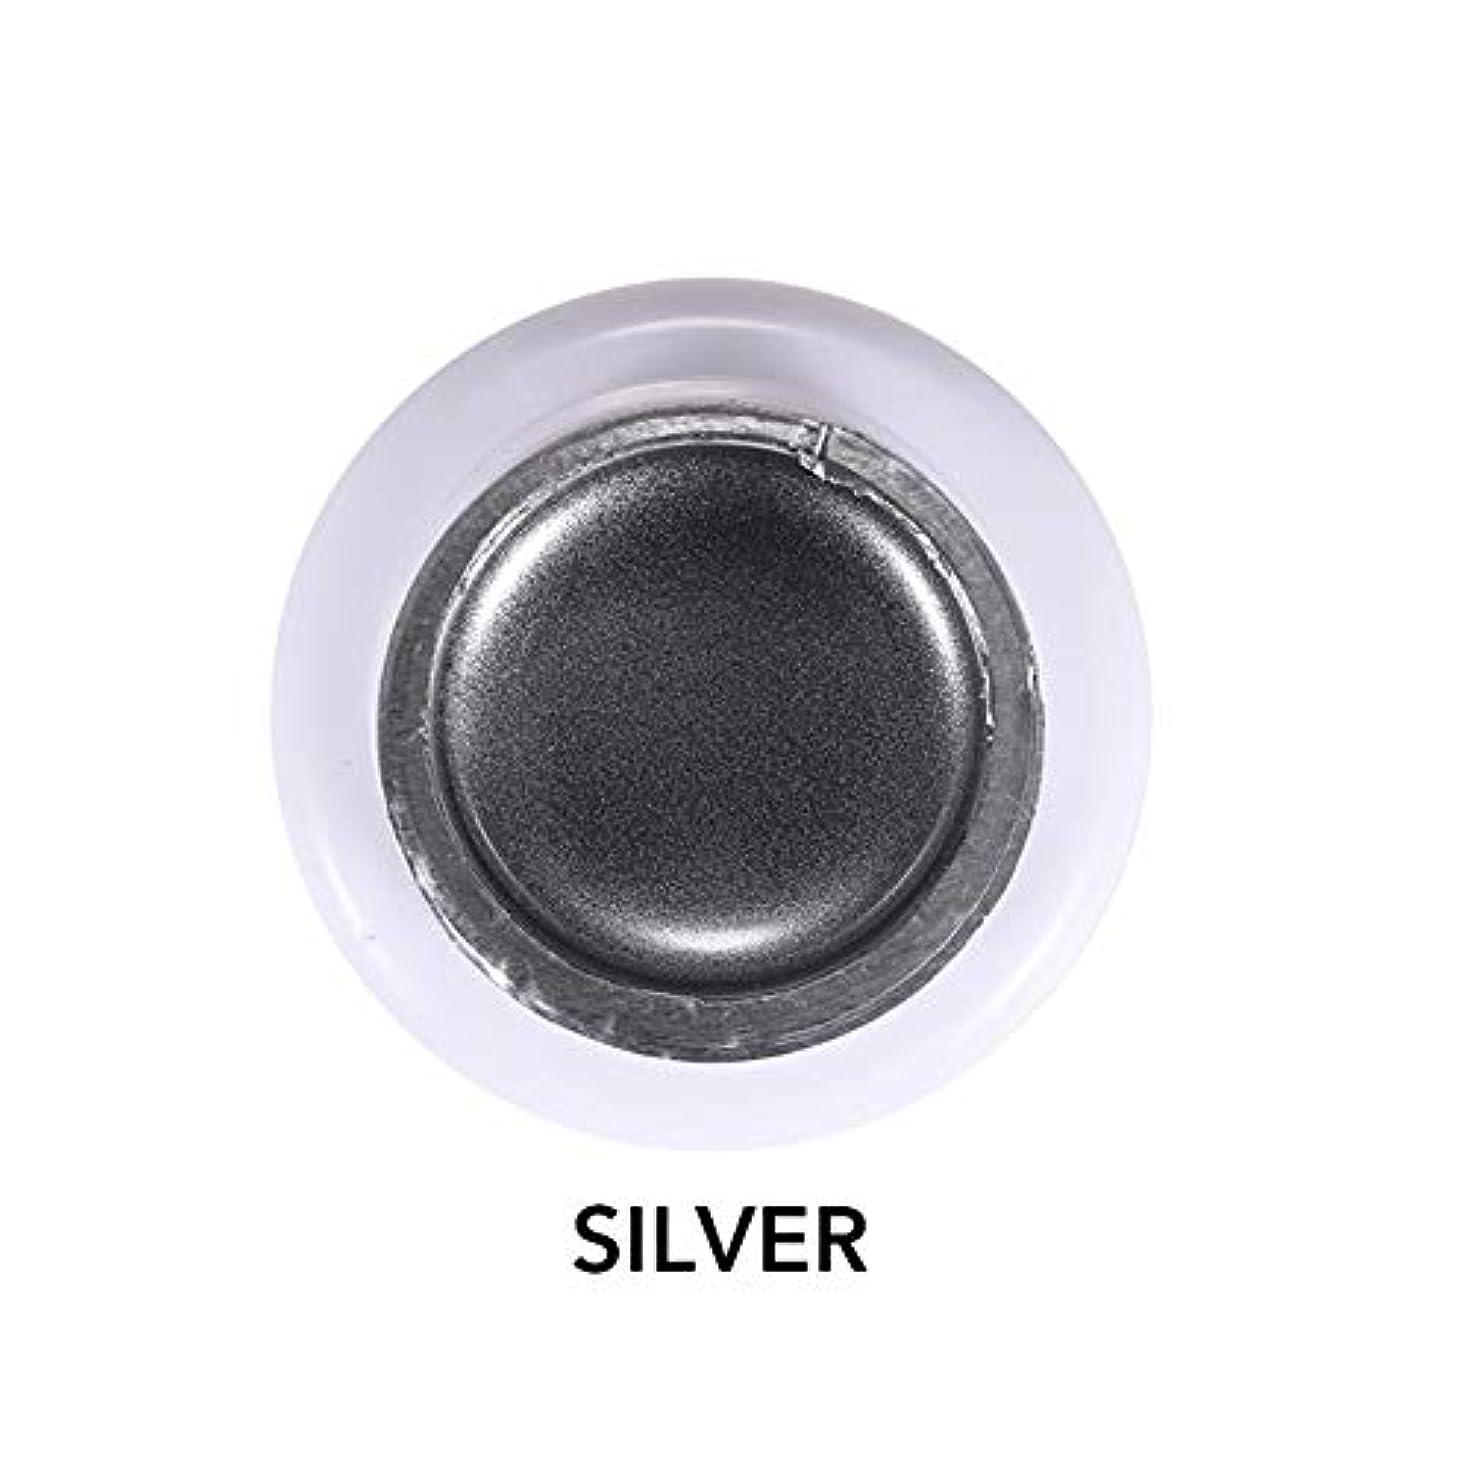 ネイルグルー ジェルネイルグルー 金属ネイルグルー ネイル塗装グルー ミラーメタル塗装プラスチックプルラインネイルポリッシュラバープルライン花和風ネイル光線療法6色